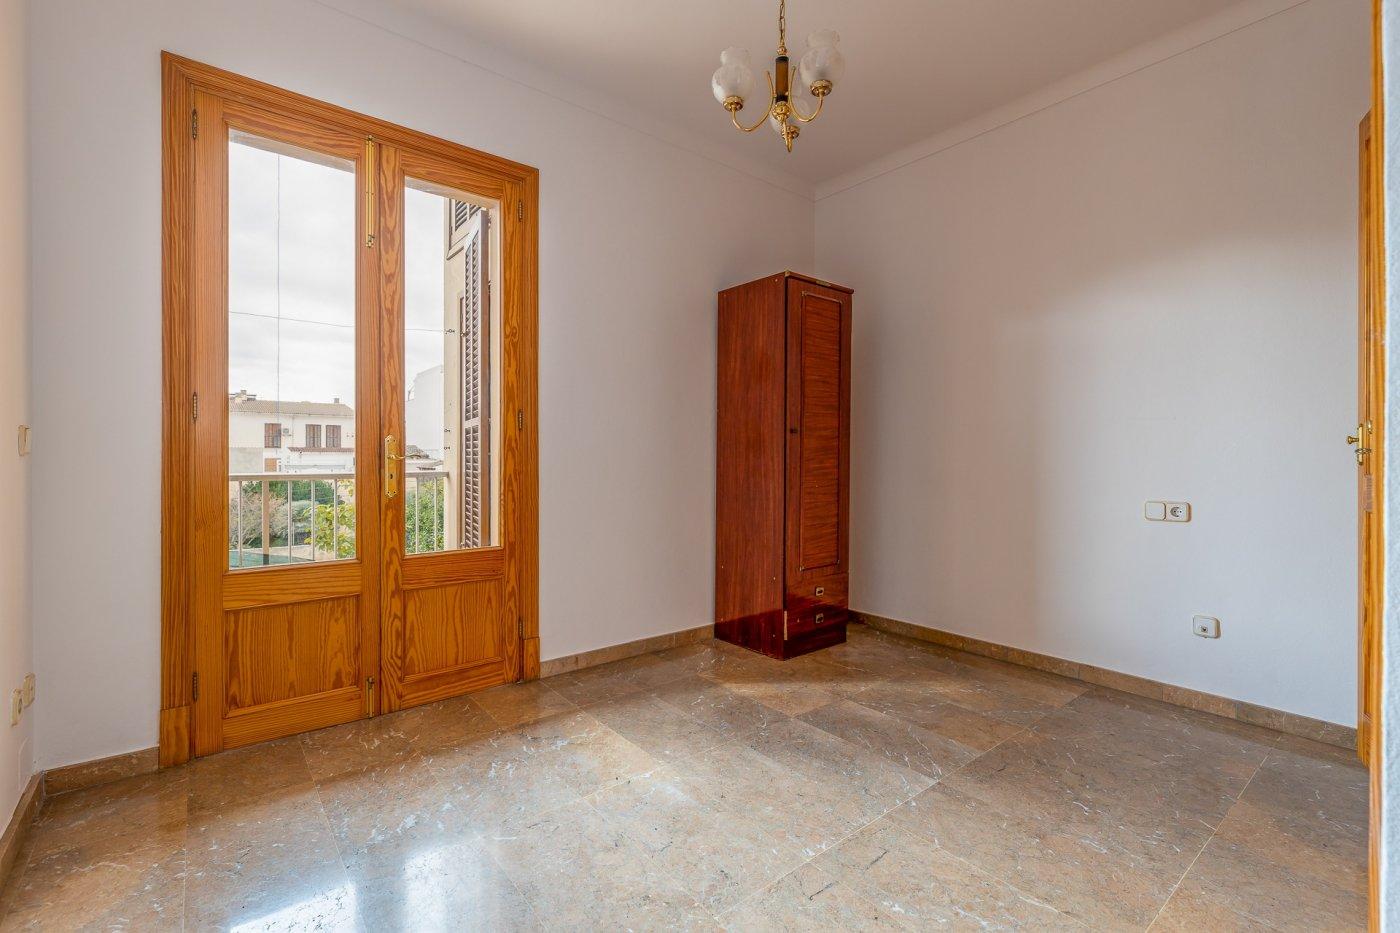 Planta baja y sala adicional de 95 m² con patio de 160 m² - imagenInmueble3